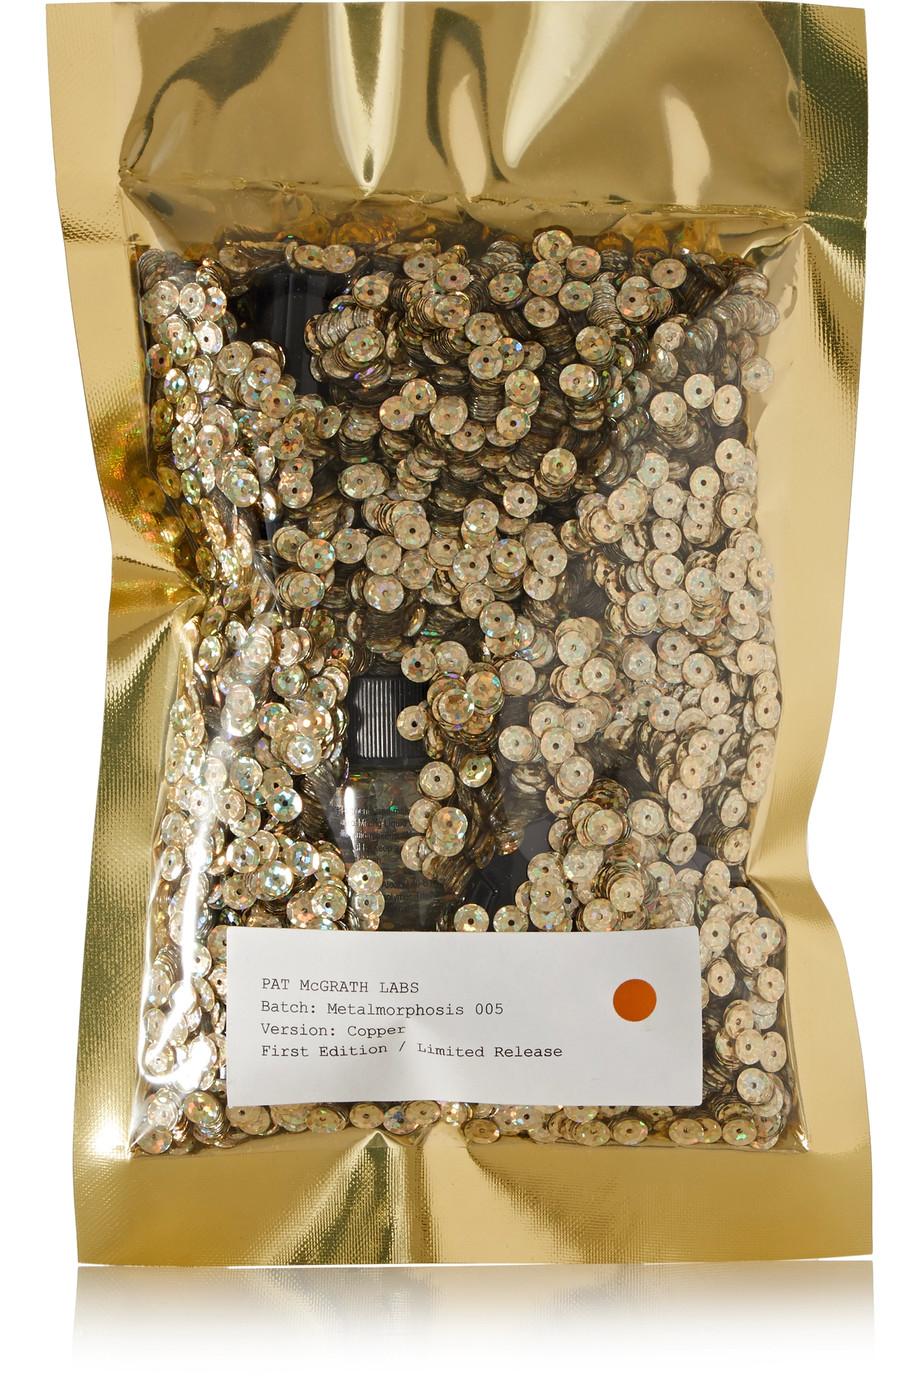 Pat McGrath Metalmorphosis 005 Kit in Copper Bag.jpg